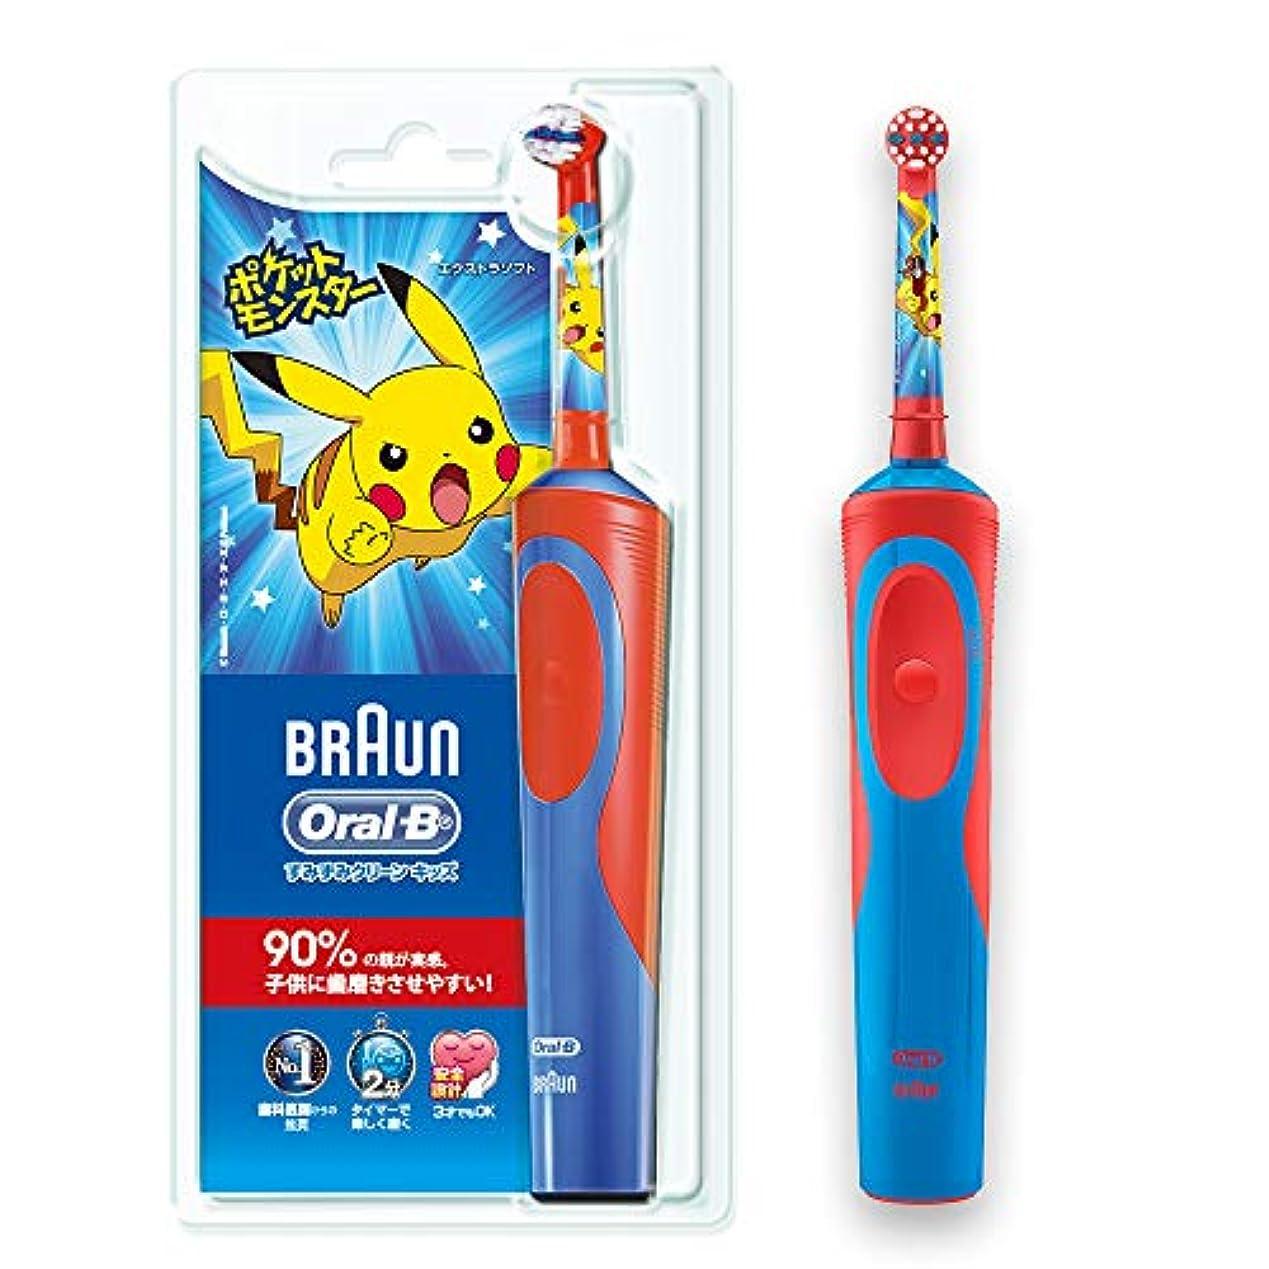 懸念もしアクティビティブラウン オーラルB 電動歯ブラシ 子供用 D12513KPKMB すみずみクリーンキッズ 本体 レッド ポケモン 歯ブラシ